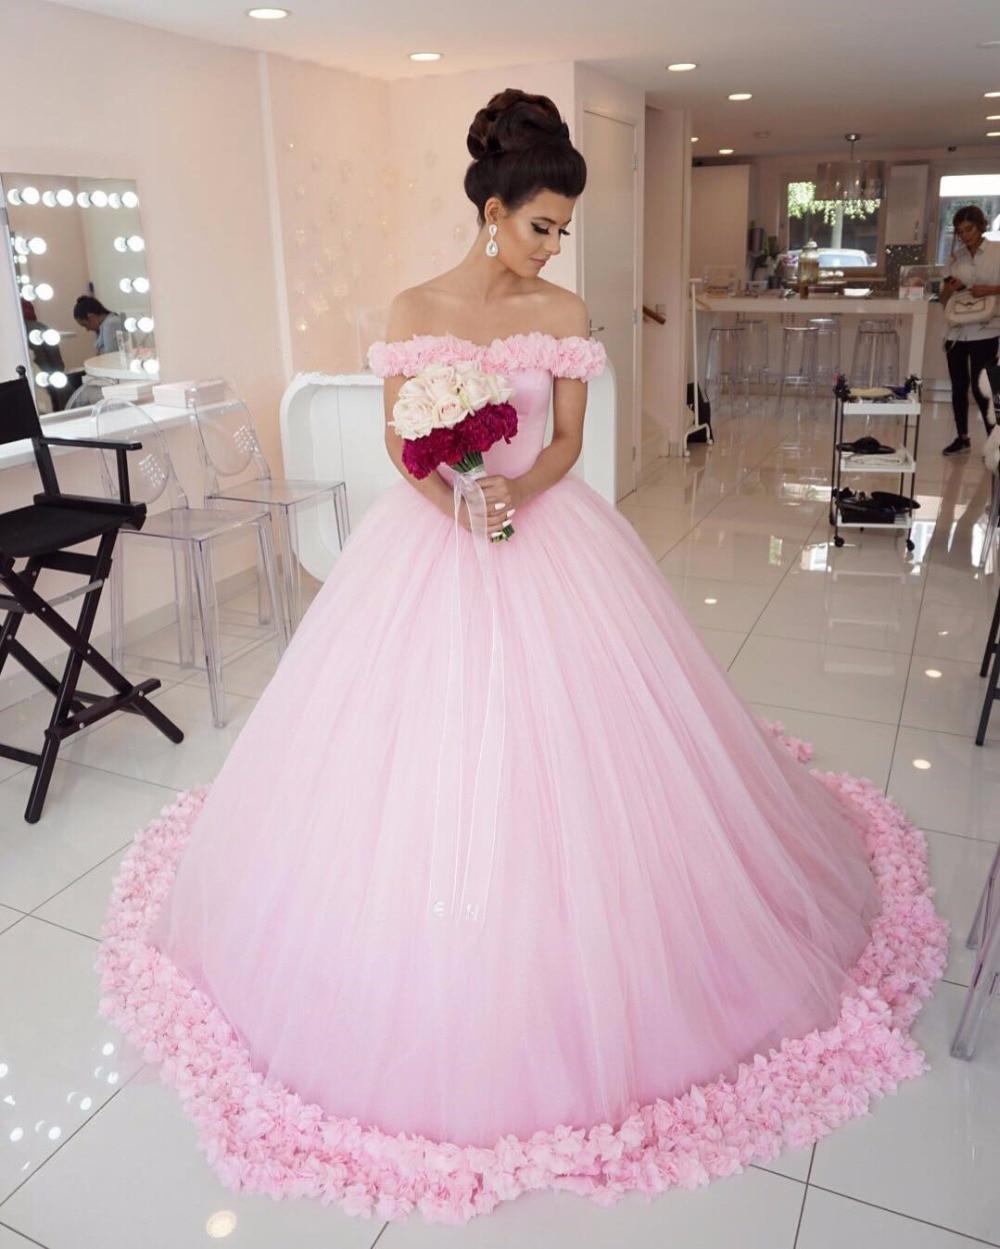 Großartig Rote Und Weiße Hochzeitskleider Fotos - Brautkleider Ideen ...